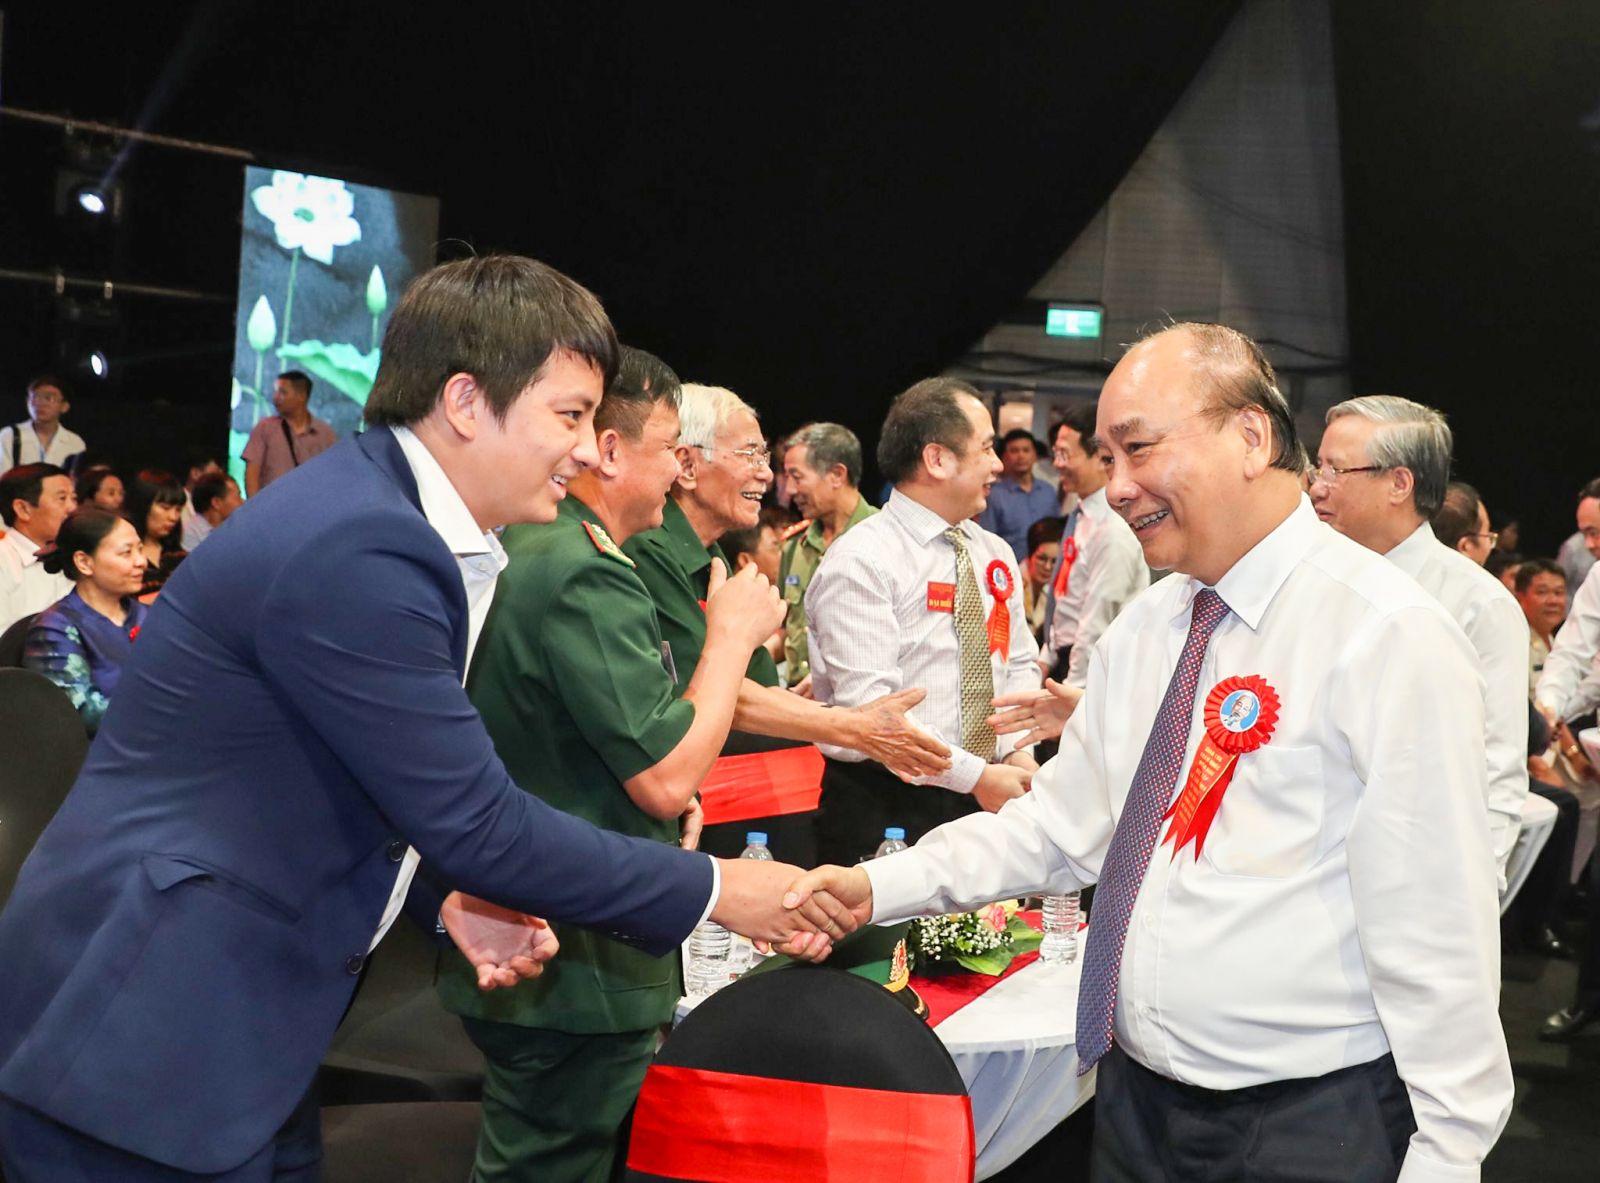 Hoàng Tuấn Anh gặp Thủ tướng Chính phủ tại Lễ vinh danh Công dân trẻ tiêu biểu 2020